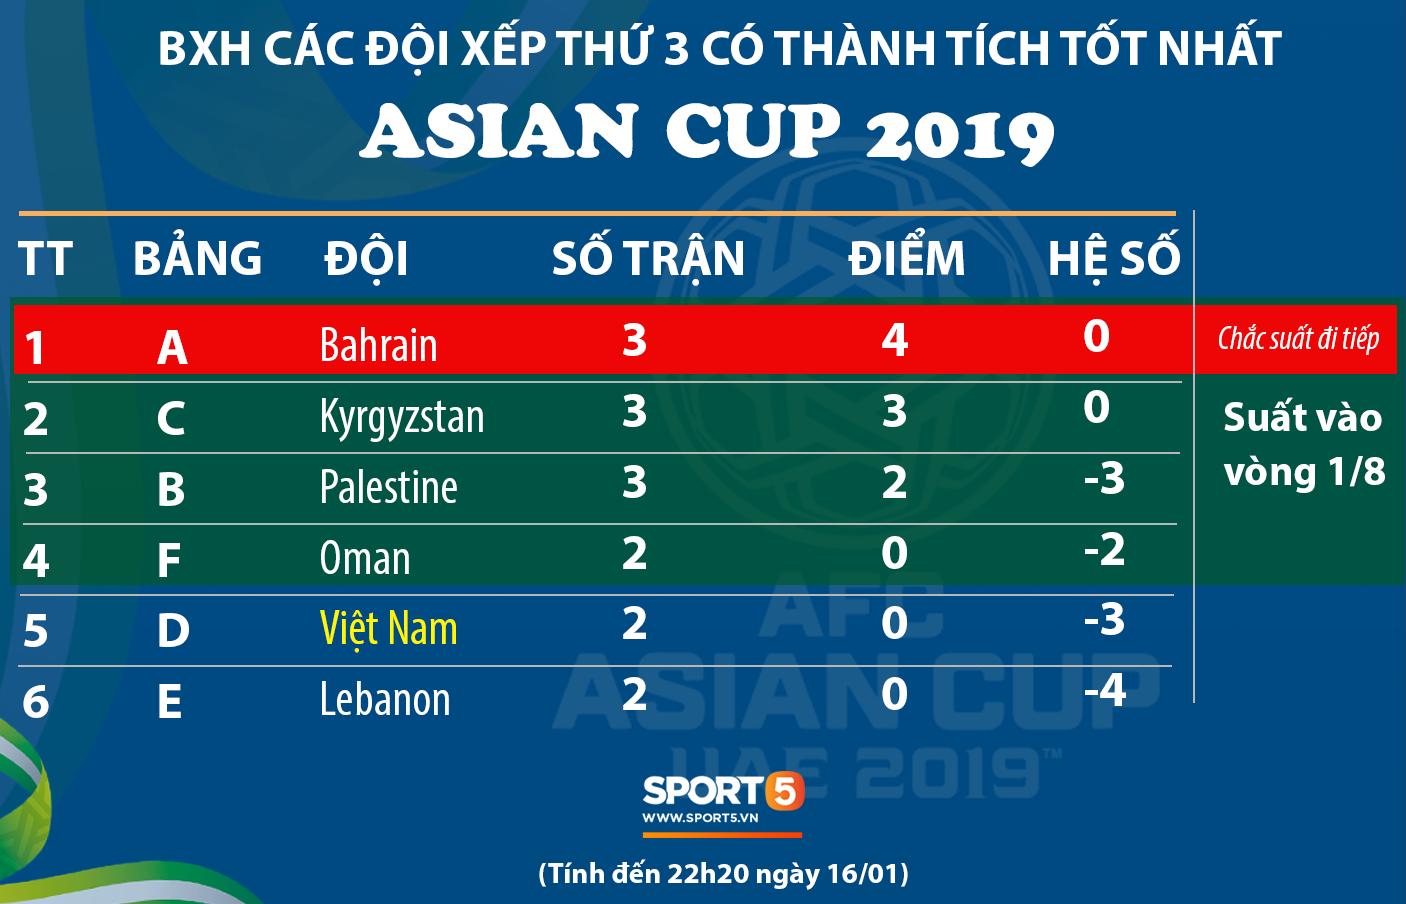 Cập nhật Asian Cup 2019: Bảng C ngã ngũ, Việt Nam cần thắng cách biệt 3 bàn để chắc suất đi tiếp-1